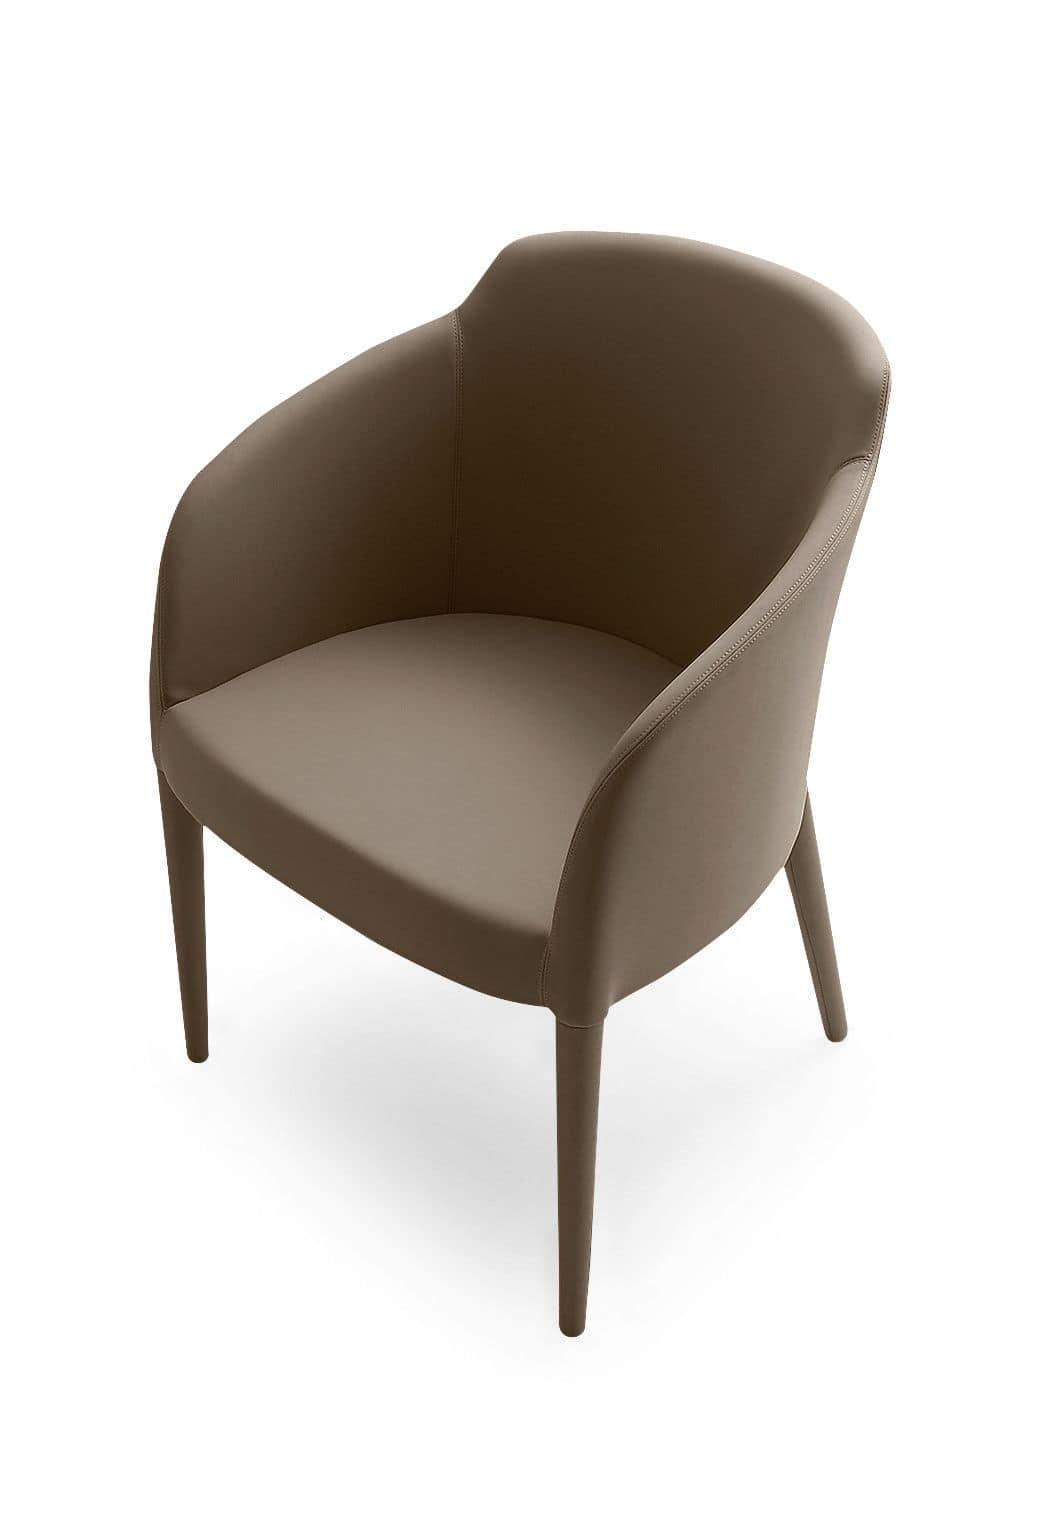 406 von friultone chairs srl hnliche produkte idfdesign. Black Bedroom Furniture Sets. Home Design Ideas